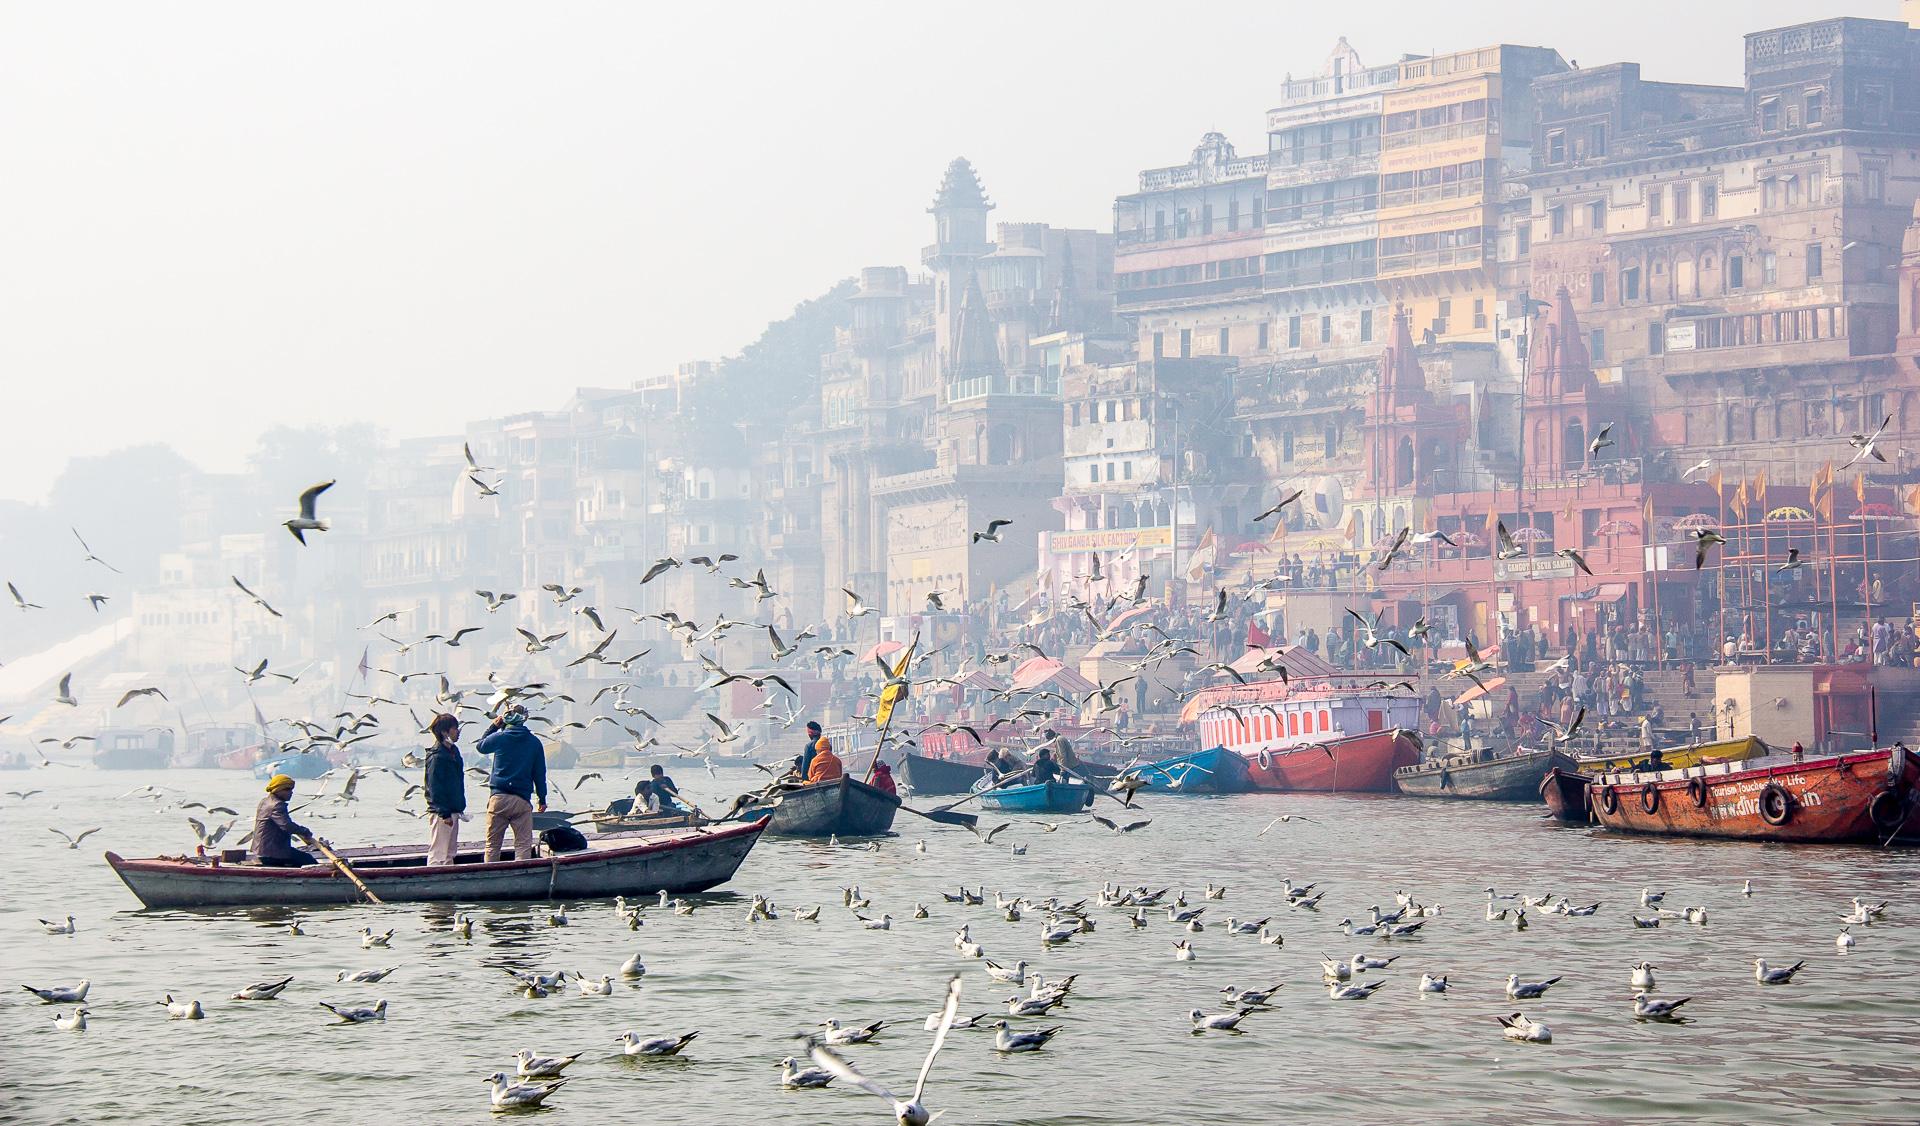 Varanasi, India. January 2015